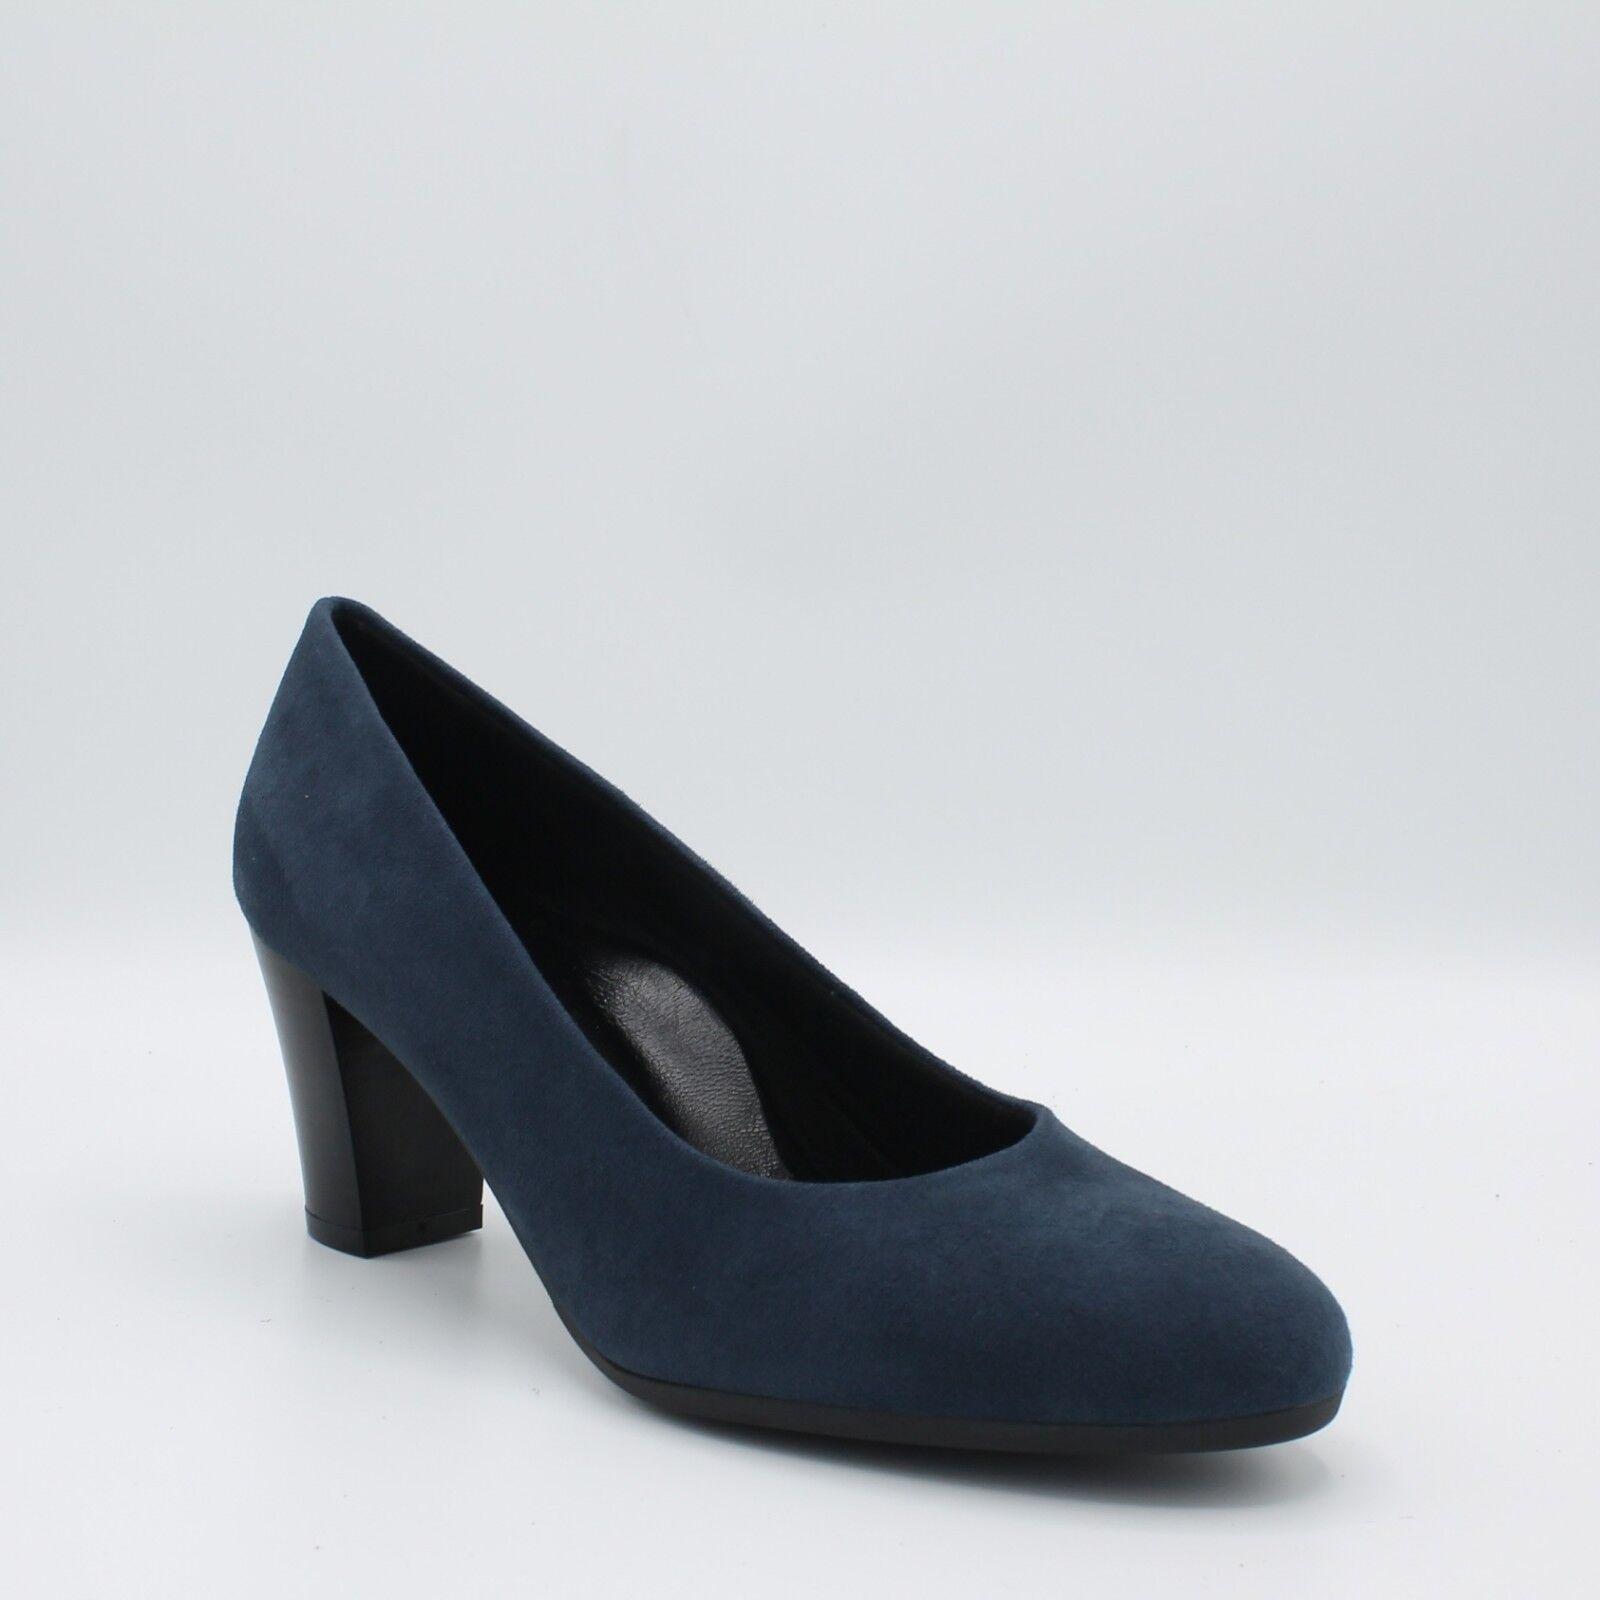 Zapatos de salón Cinzia Suave Mujer piel ante ante ante azul IQ112C talón 6,5cm  Para tu estilo de juego a los precios más baratos.